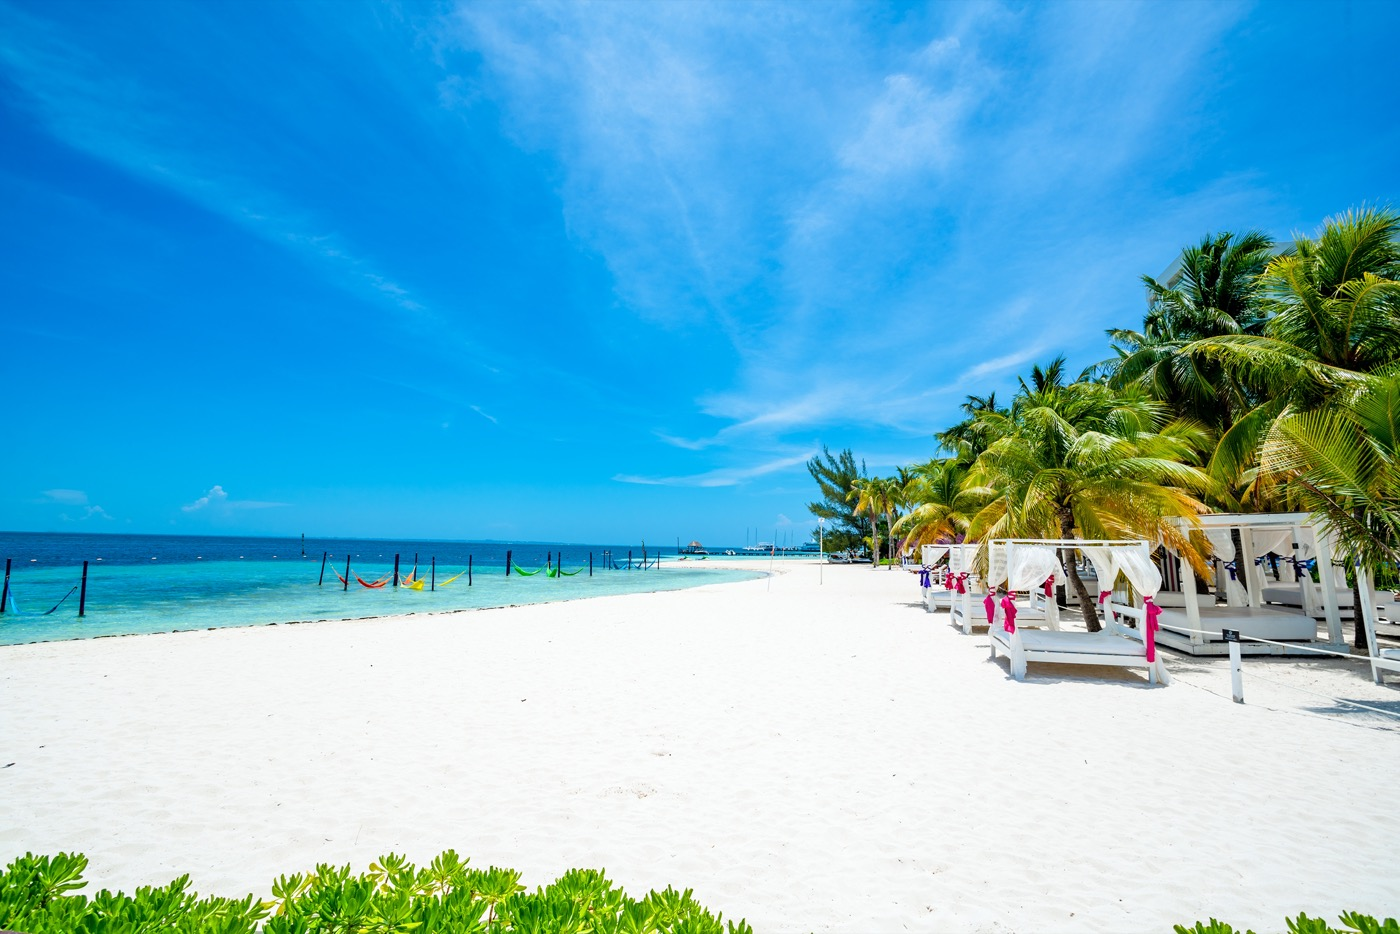 Área de descanso junto a la playa con camas y camastros entre palmeras y sombra